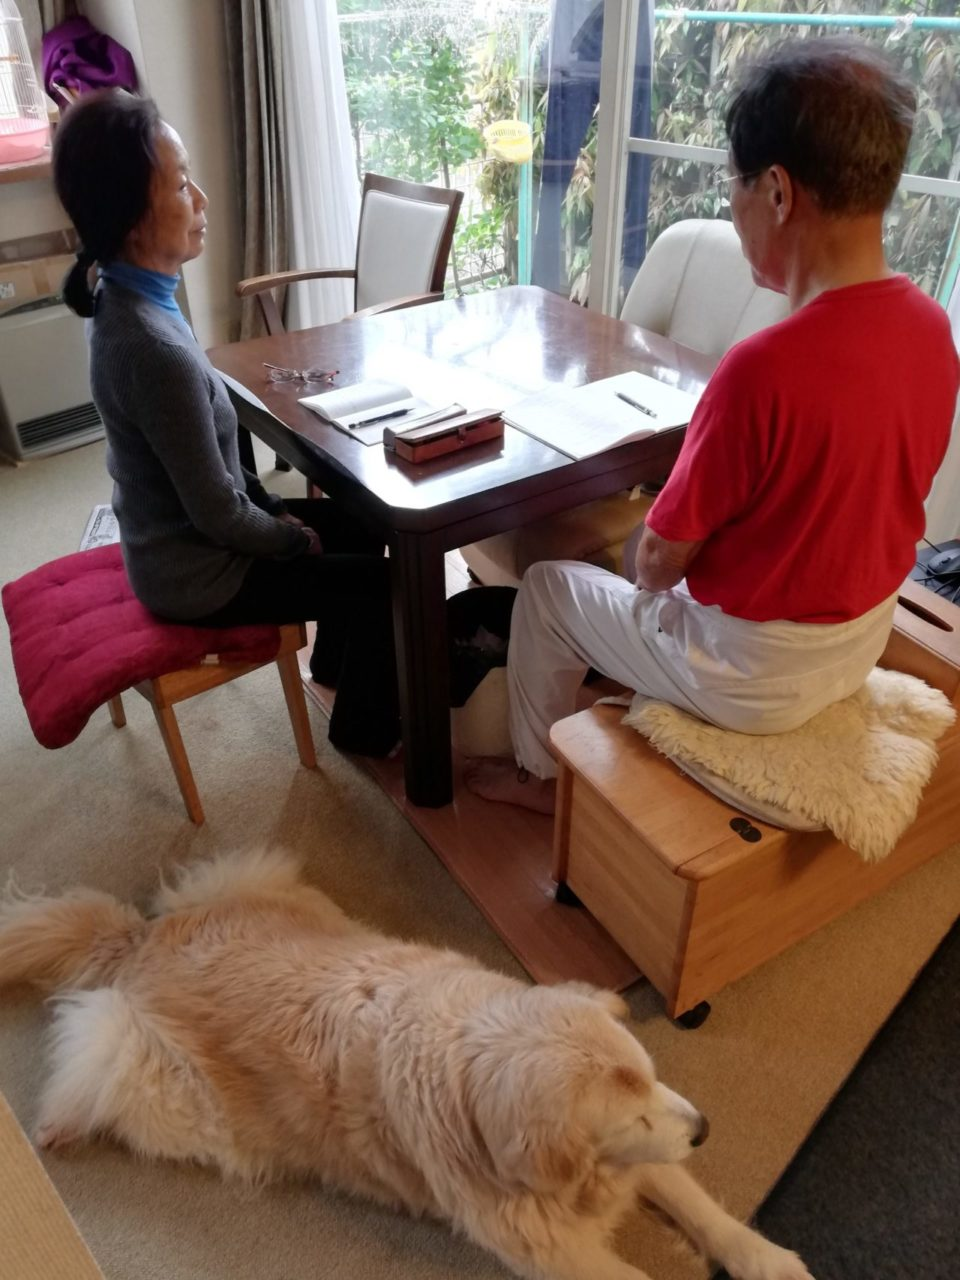 ご自宅で夫婦で瞑想をしている様子